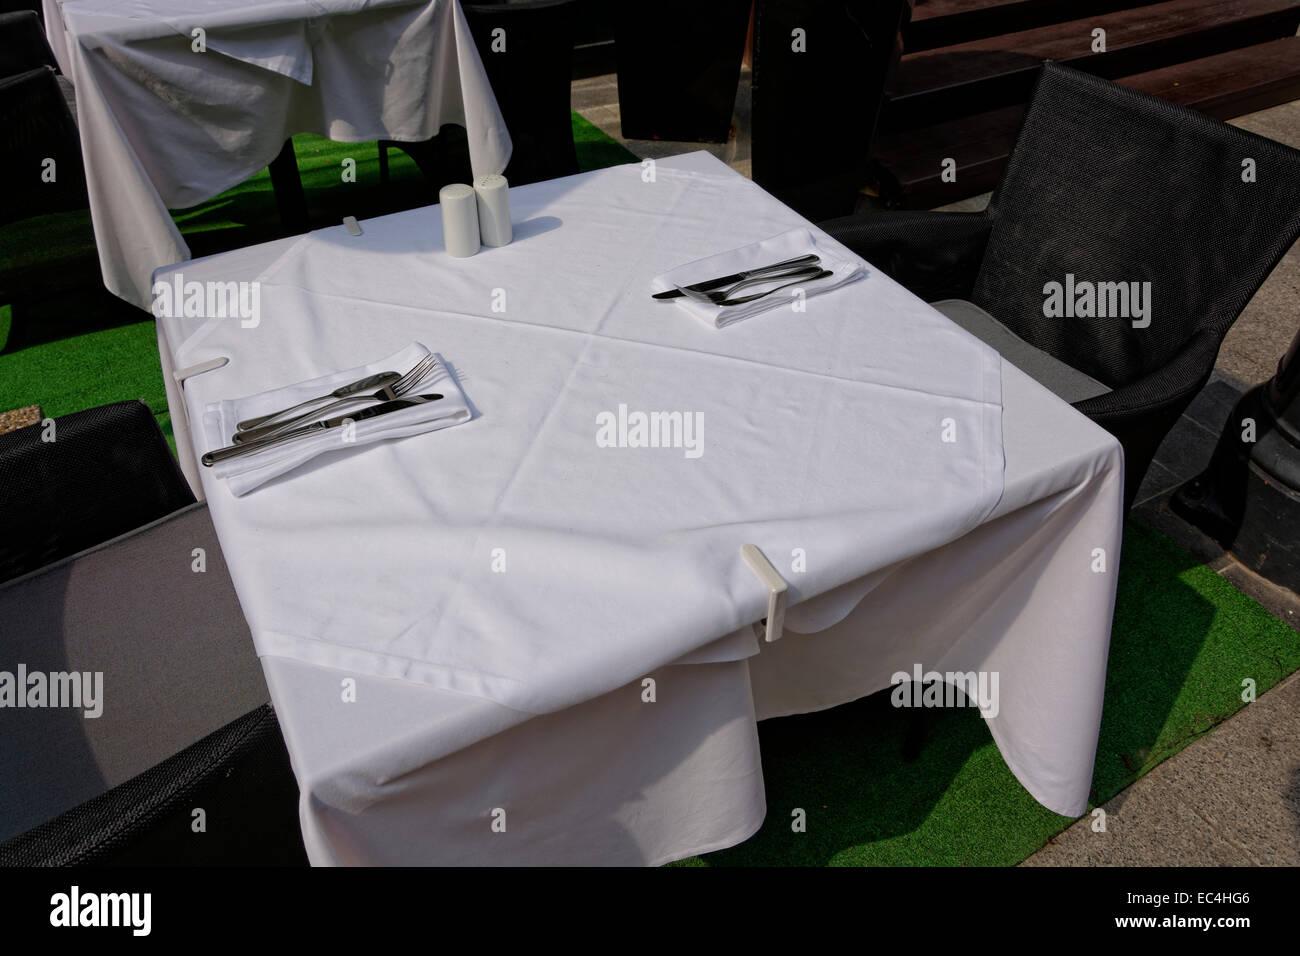 Tableau blanc noir, couvrant l'extérieur pour 2 personnes Banque D'Images